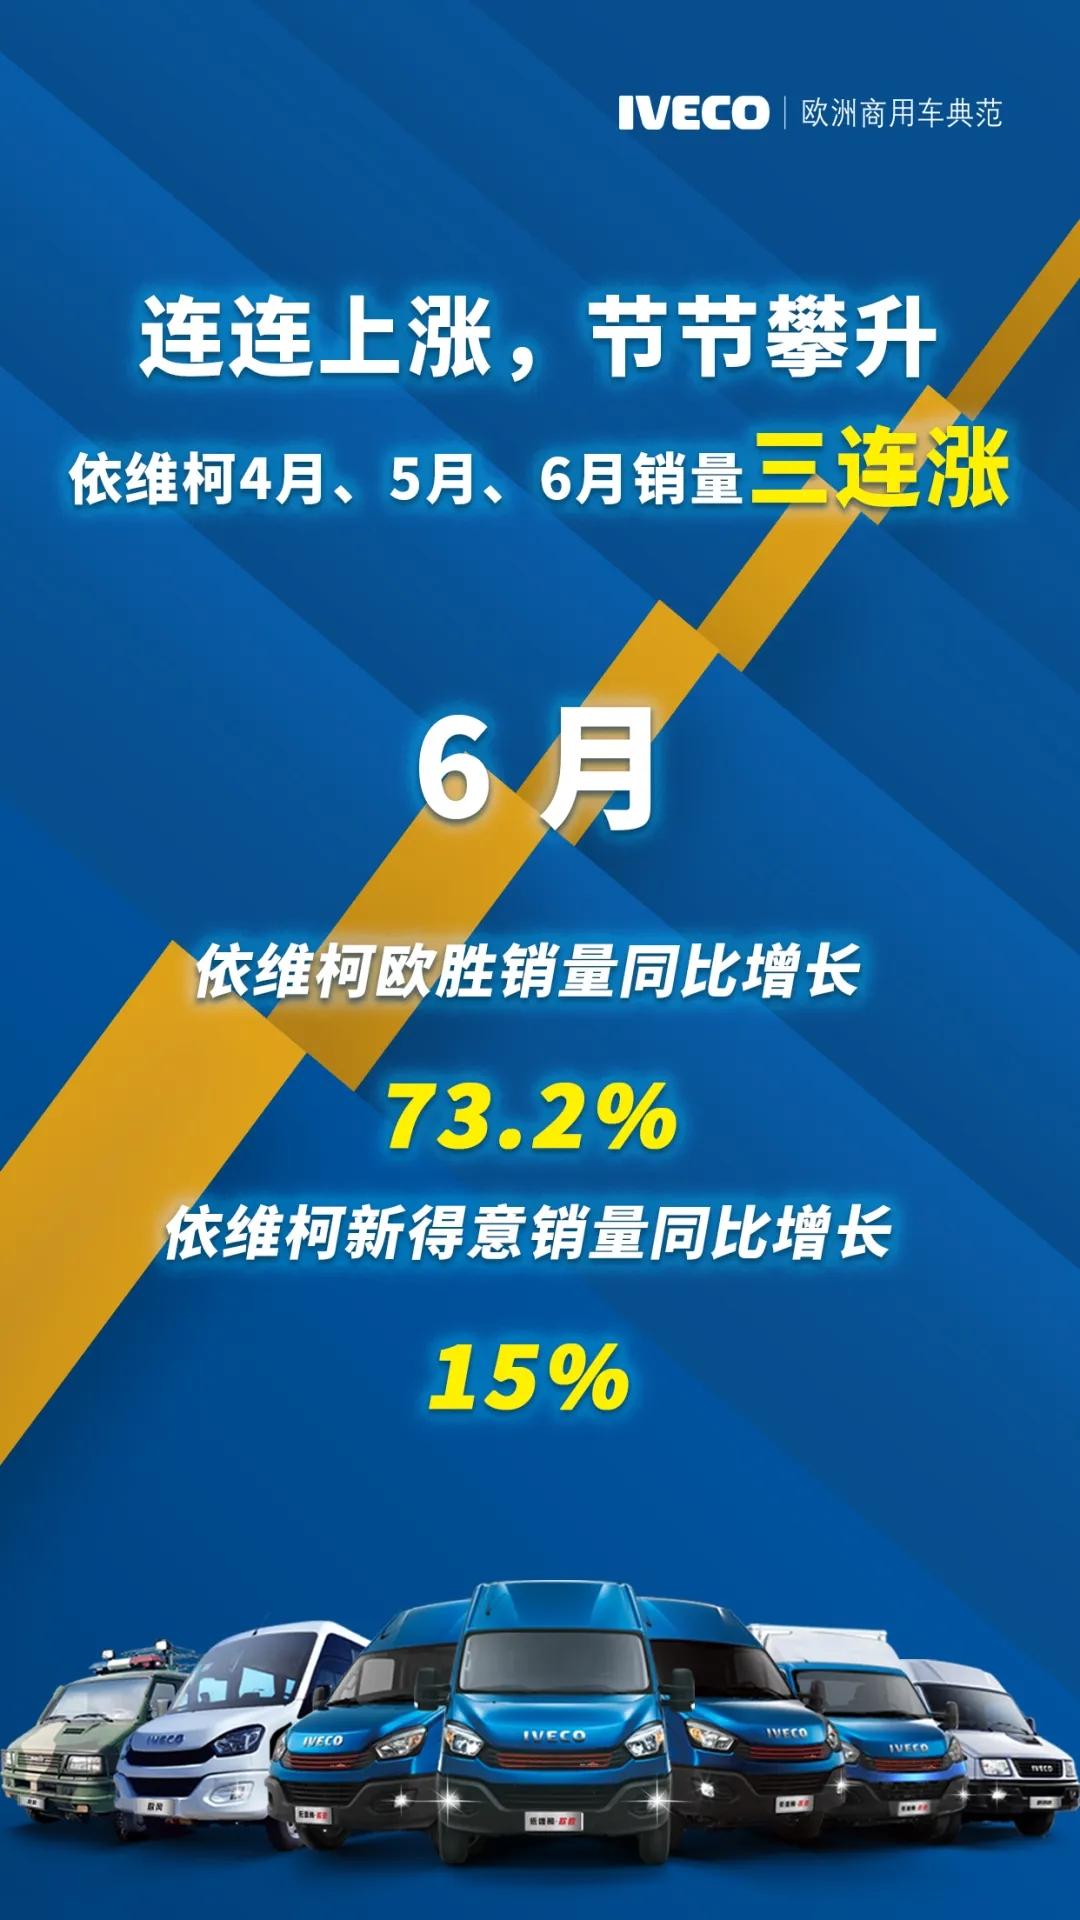 捷报:依维柯销量三连涨,1-6月欧胜销量同比增长60%